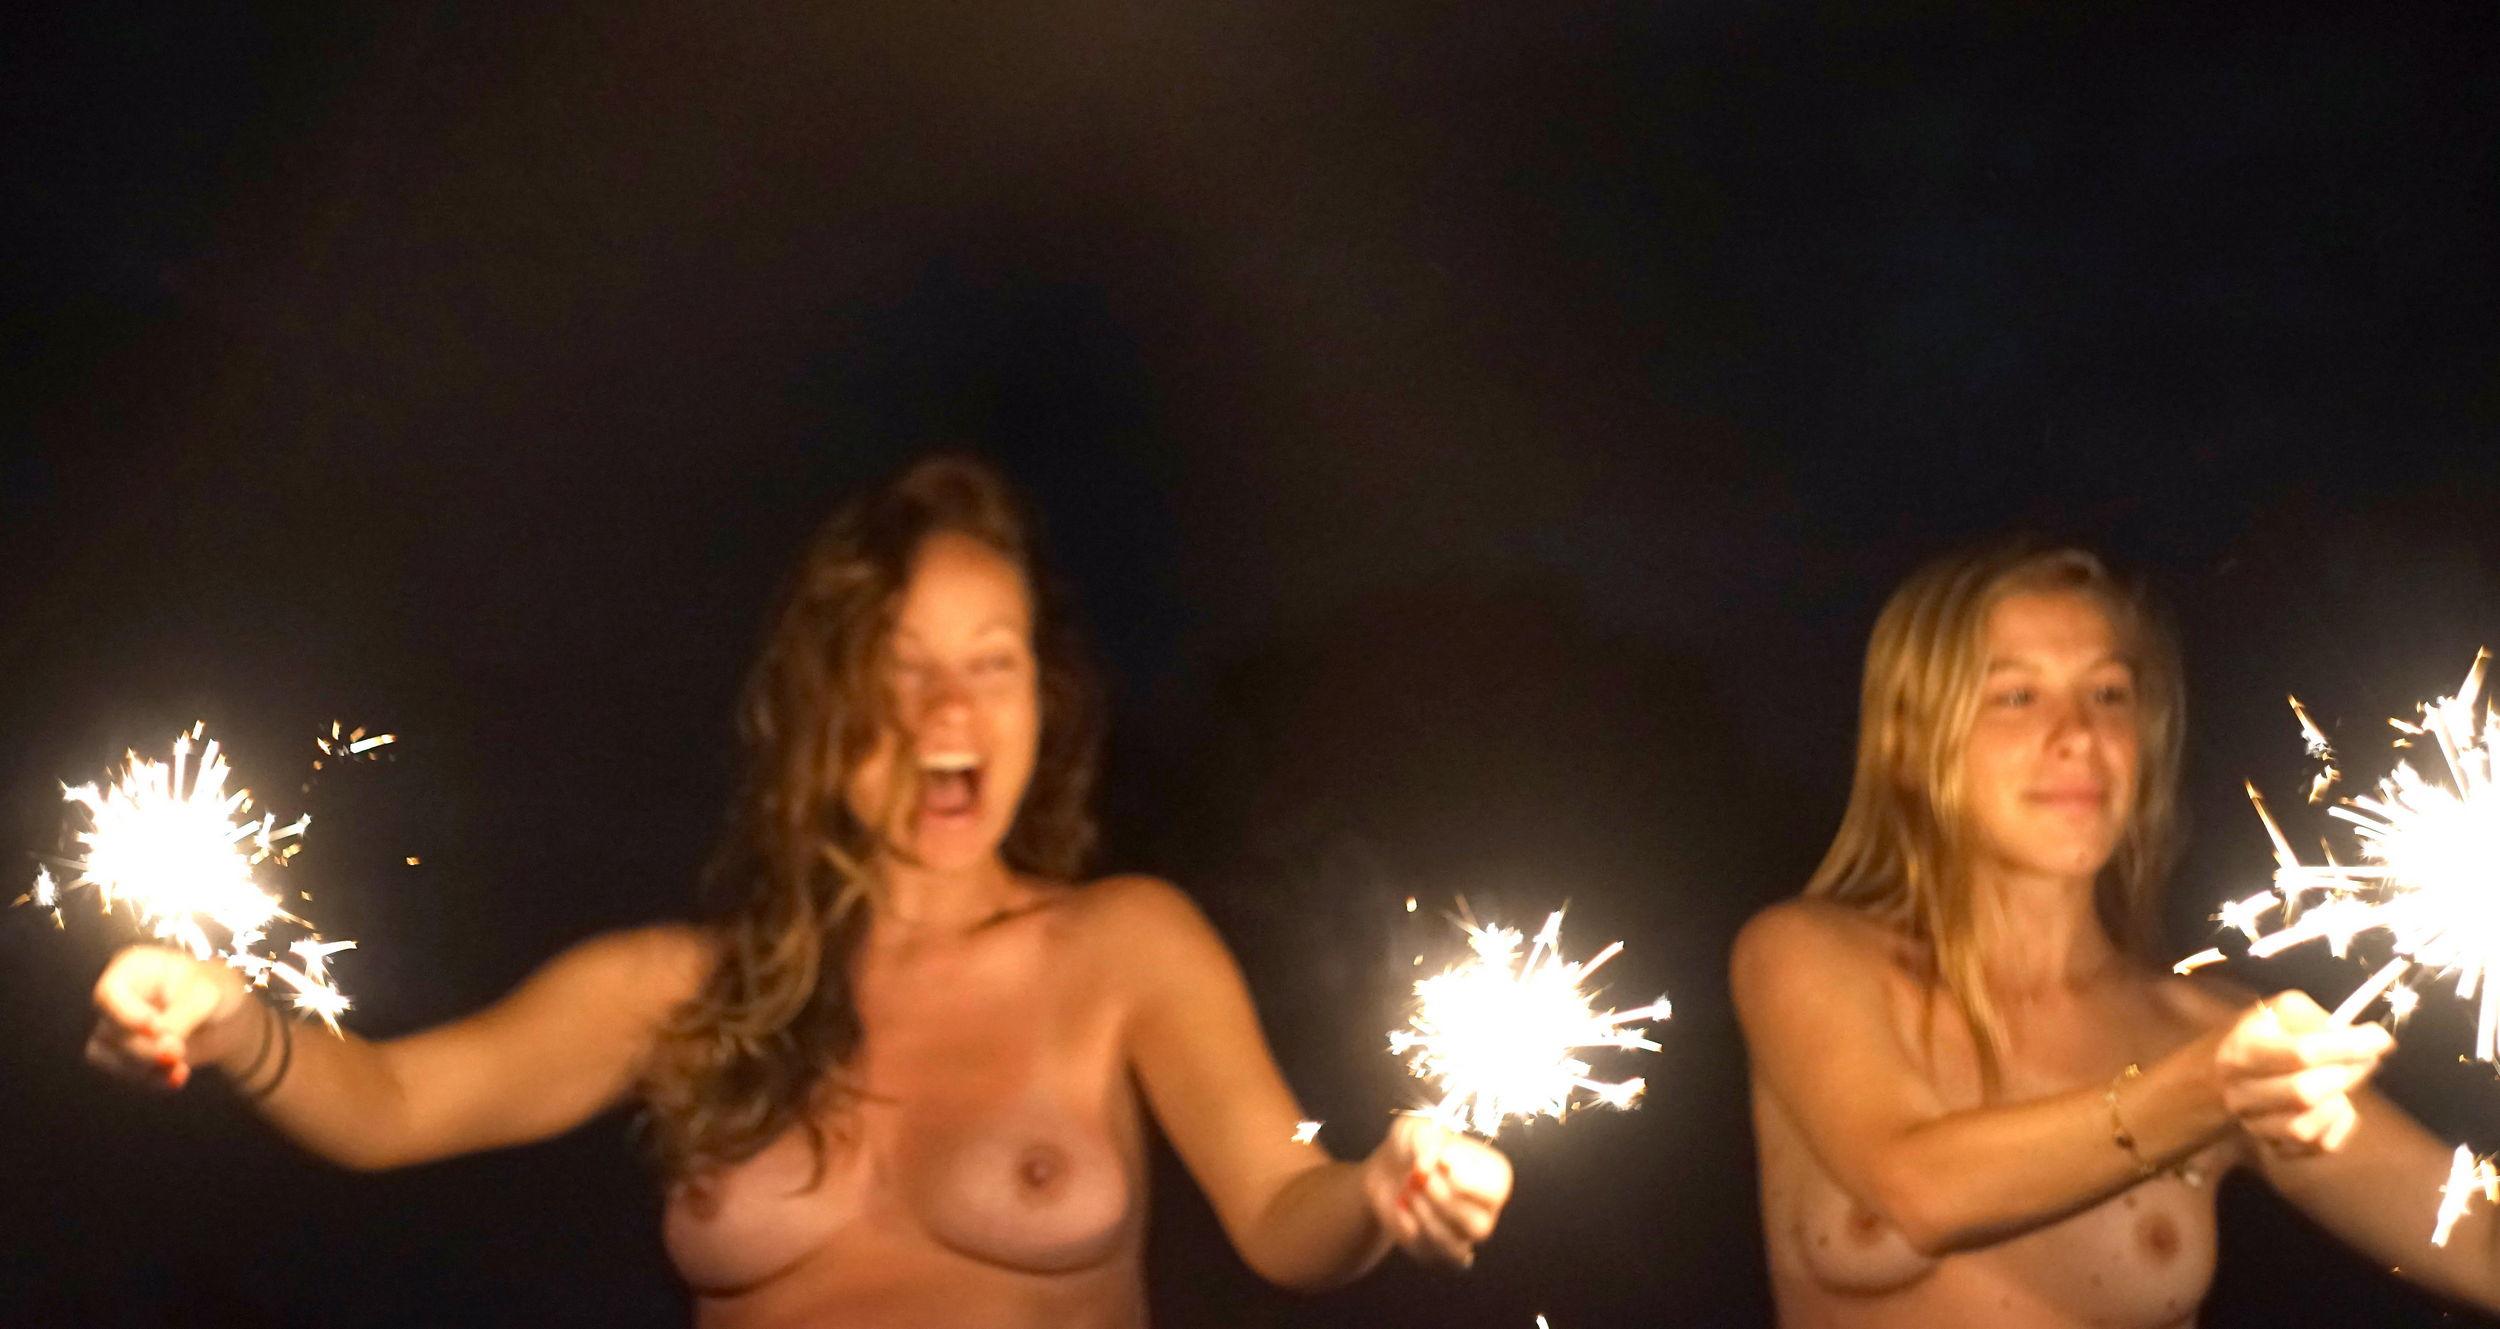 60 горячих фото Анастасии Решетовой до пластики и после, фото с Тимати